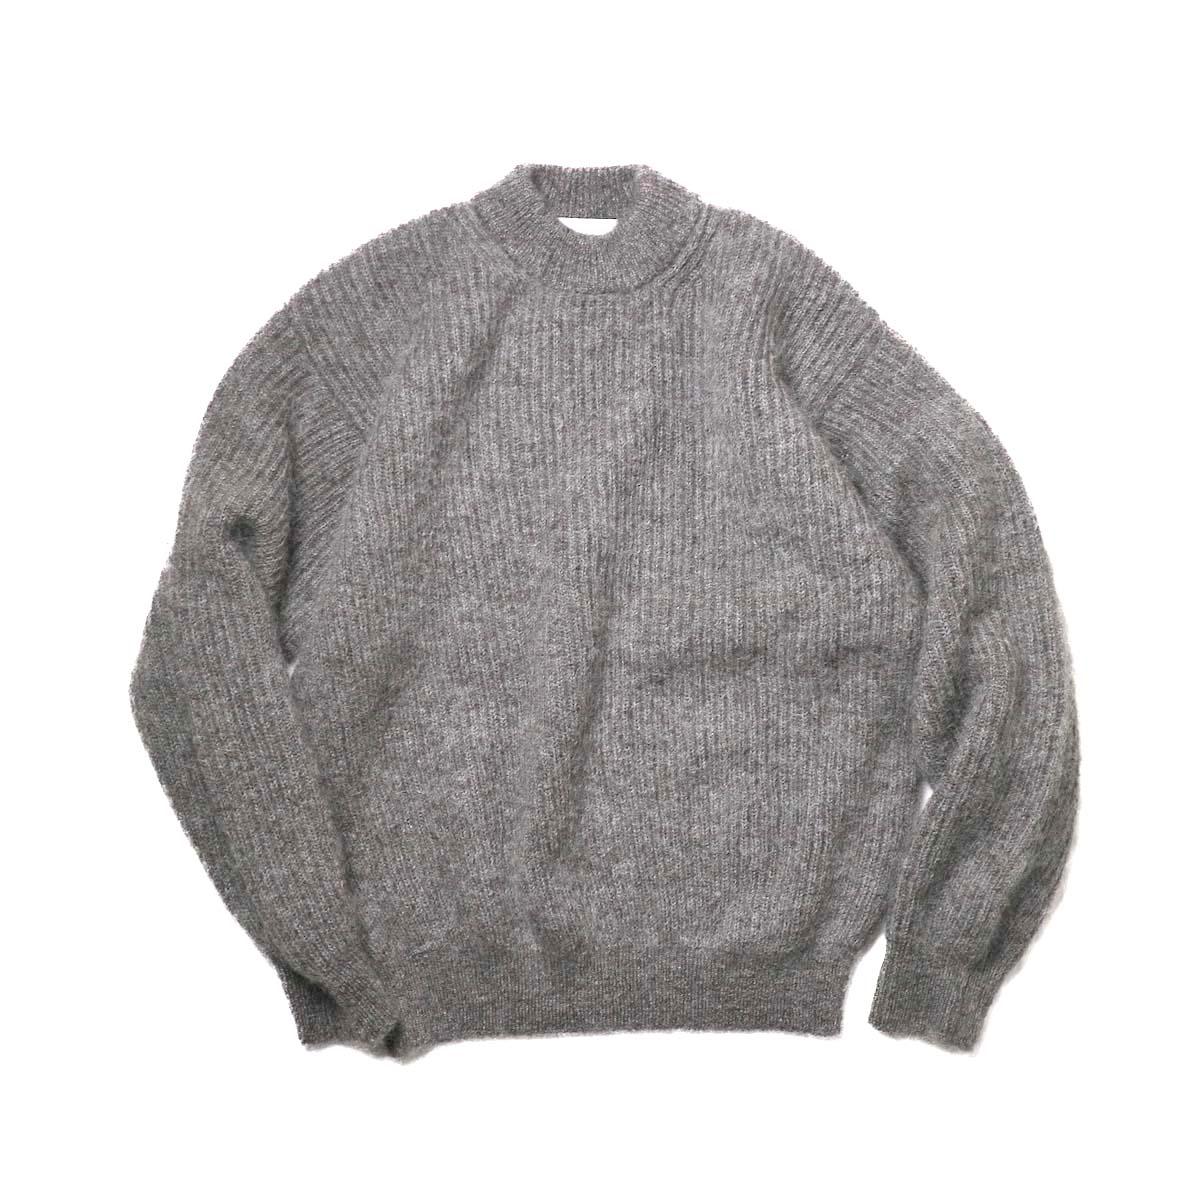 blurhms / Kid Mohair Alpaca Wool Knit P/O (Brown)